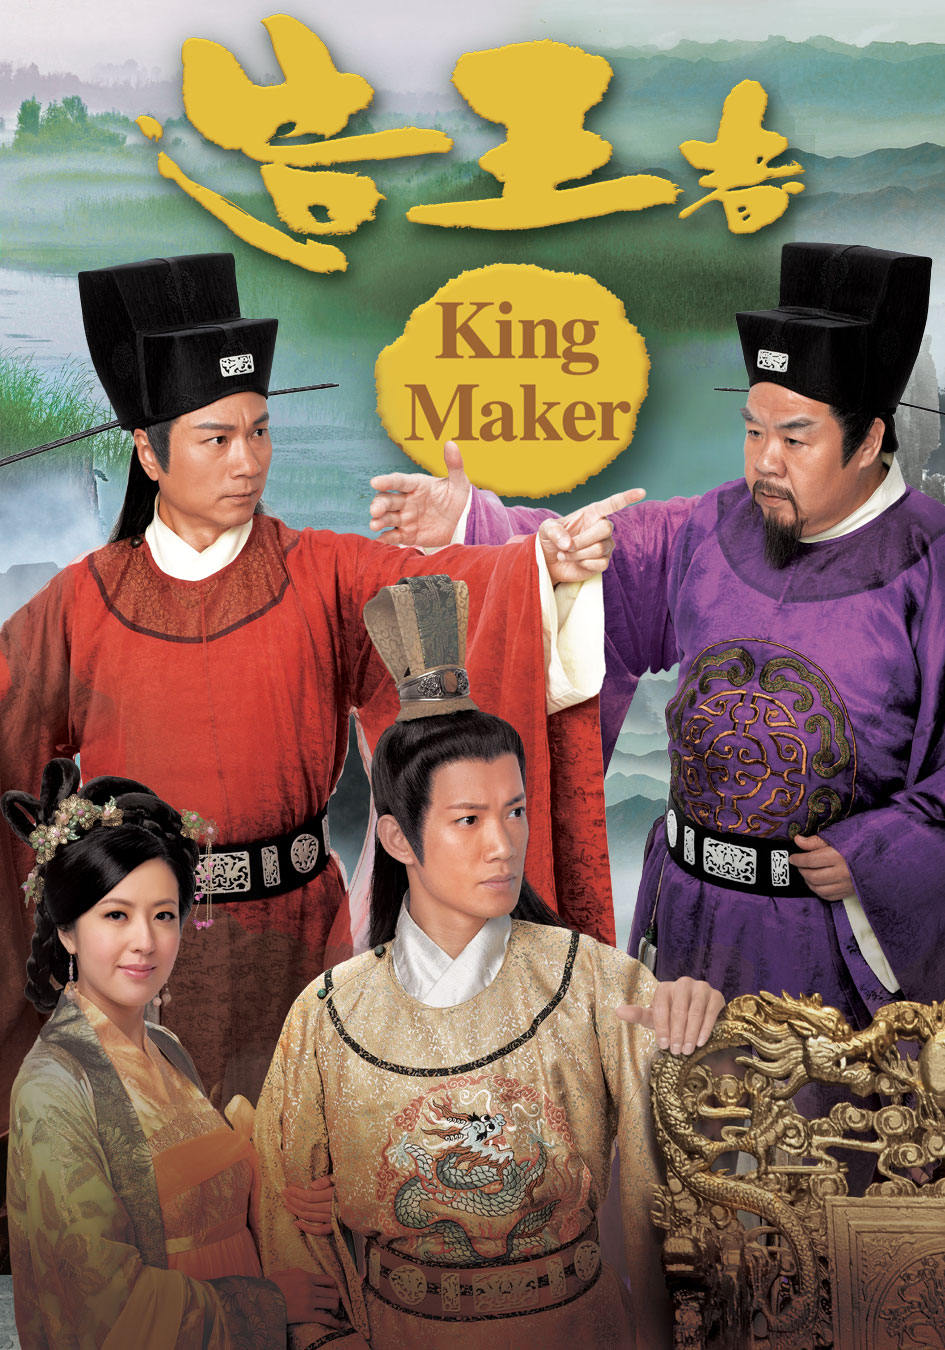 造王者-King Maker